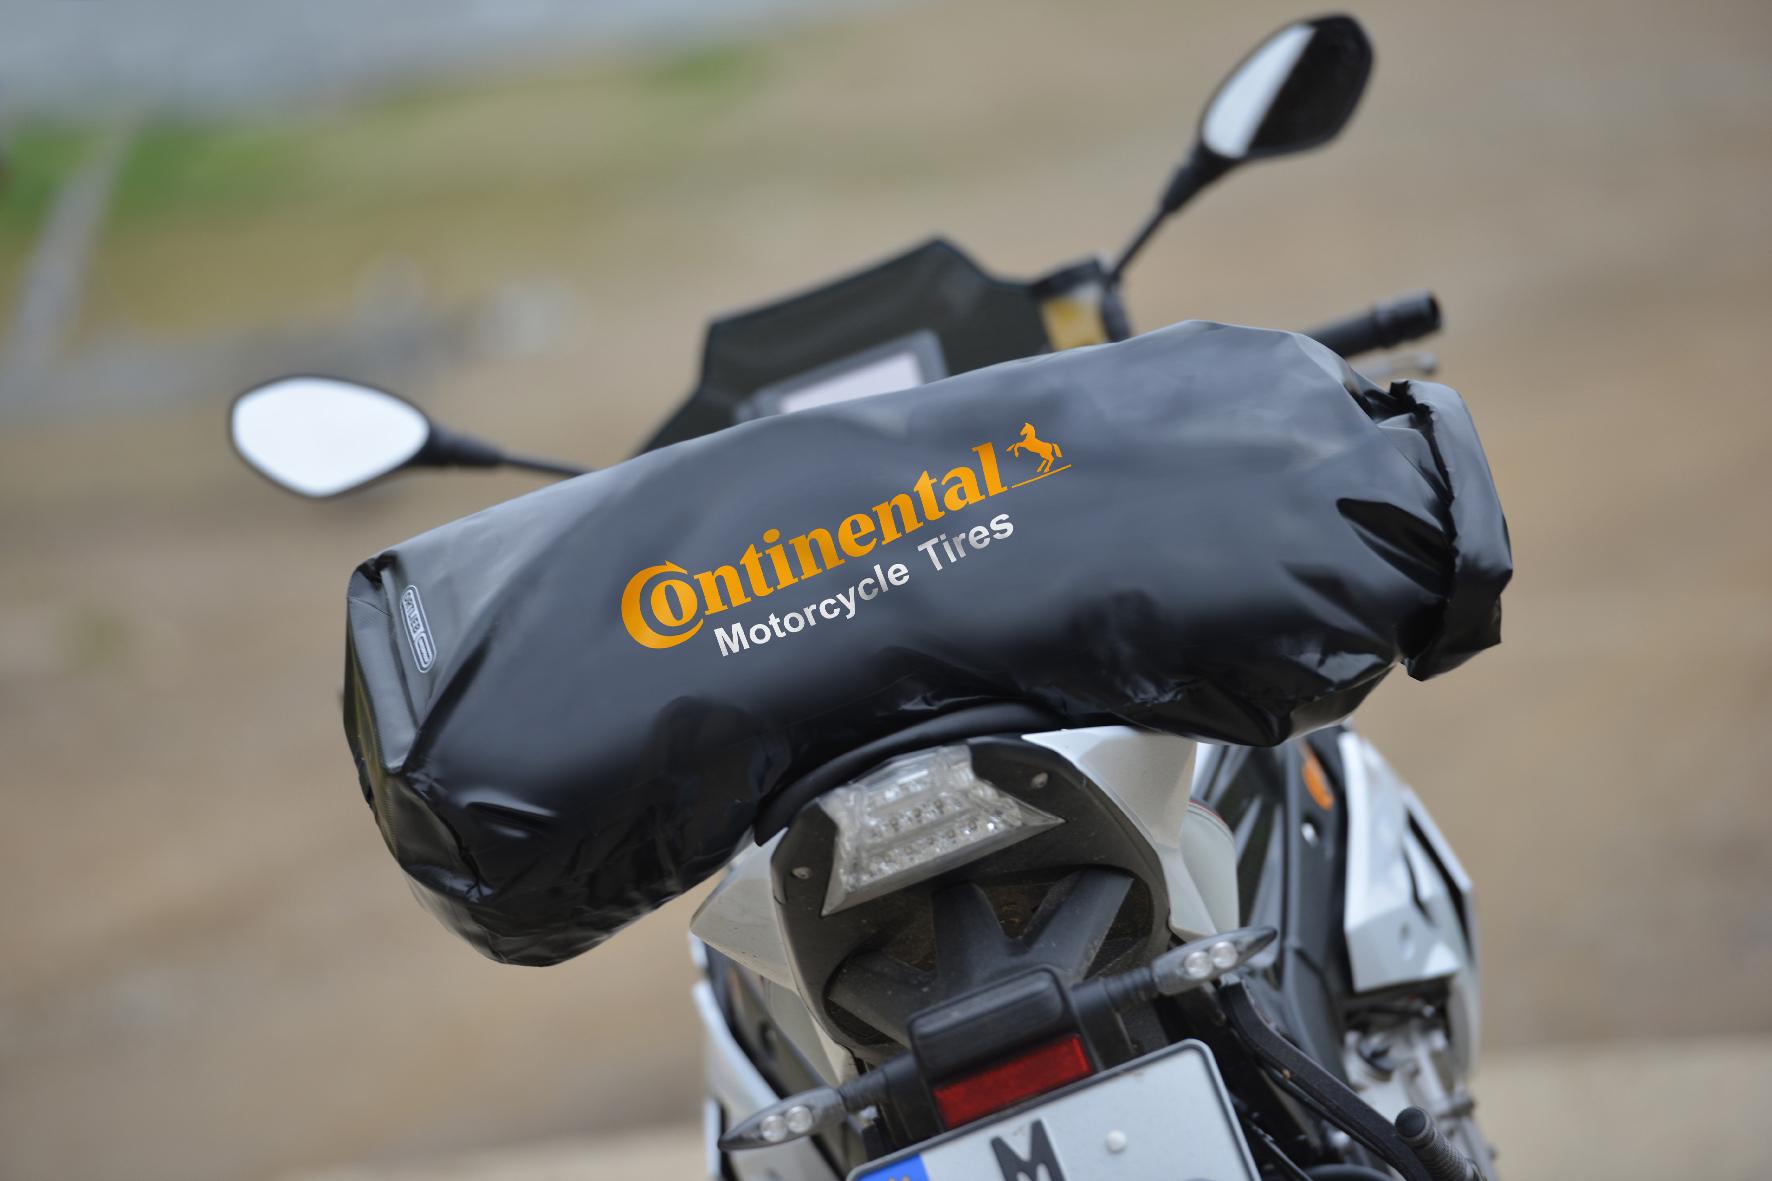 mid Groß-Gerau - Continental macht Motorradfahrern den Reifenkauf mit einem 20-Euro-Bonus oder wahlweise einer Gratis-Gepäckrolle von Ortlieb (Foto) schmackhaft.